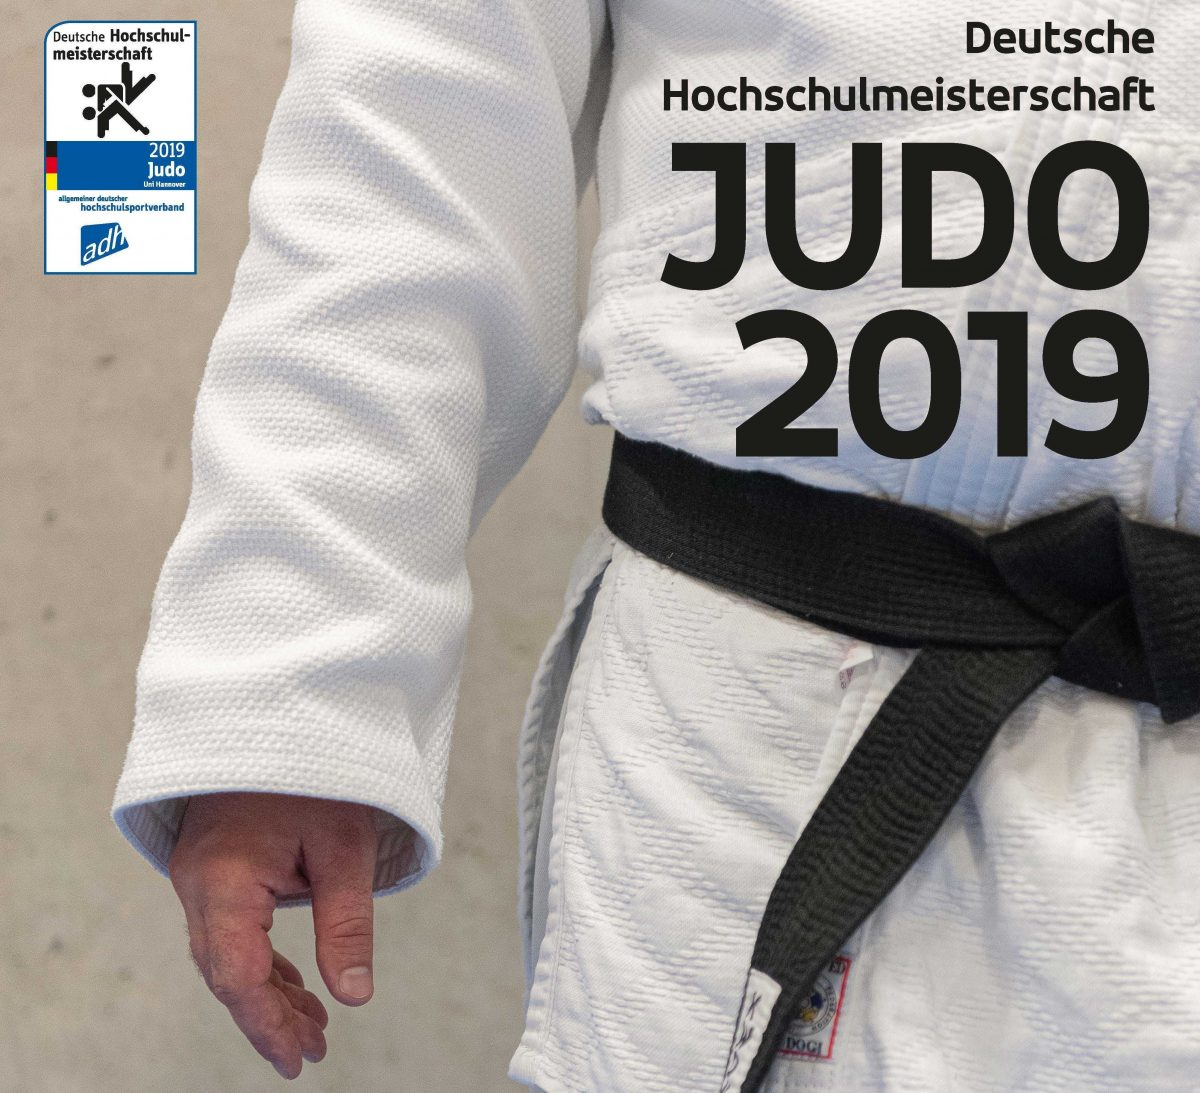 Deutsche Hochschulmeisterschaft Judo